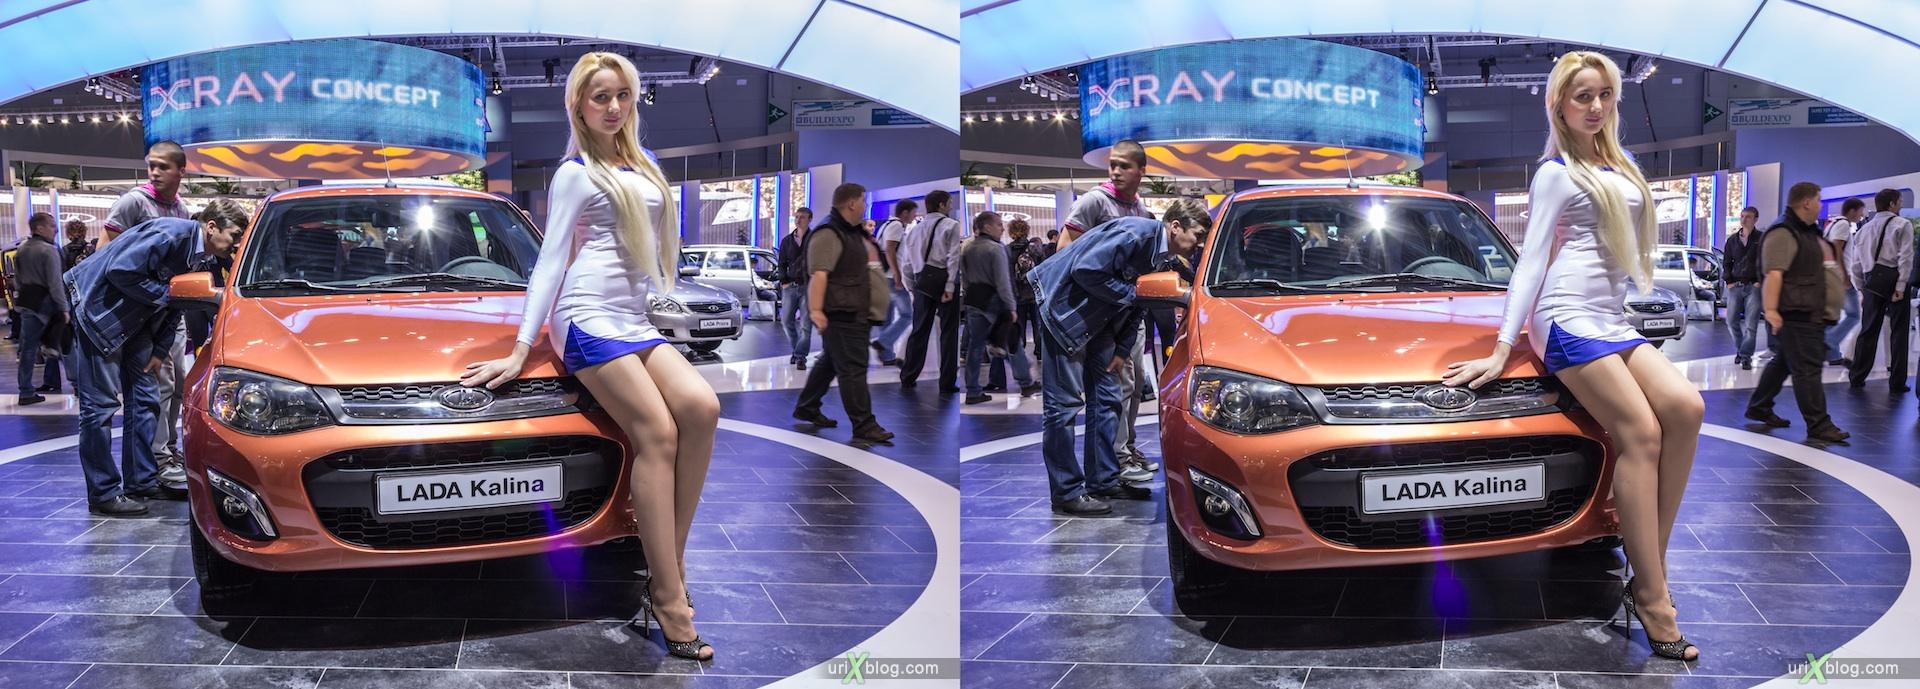 2012, Lada Kalina, девушка, модель, Московский международный автомобильный салон, ММАС, Крокус Экспо, 3D, стереопара